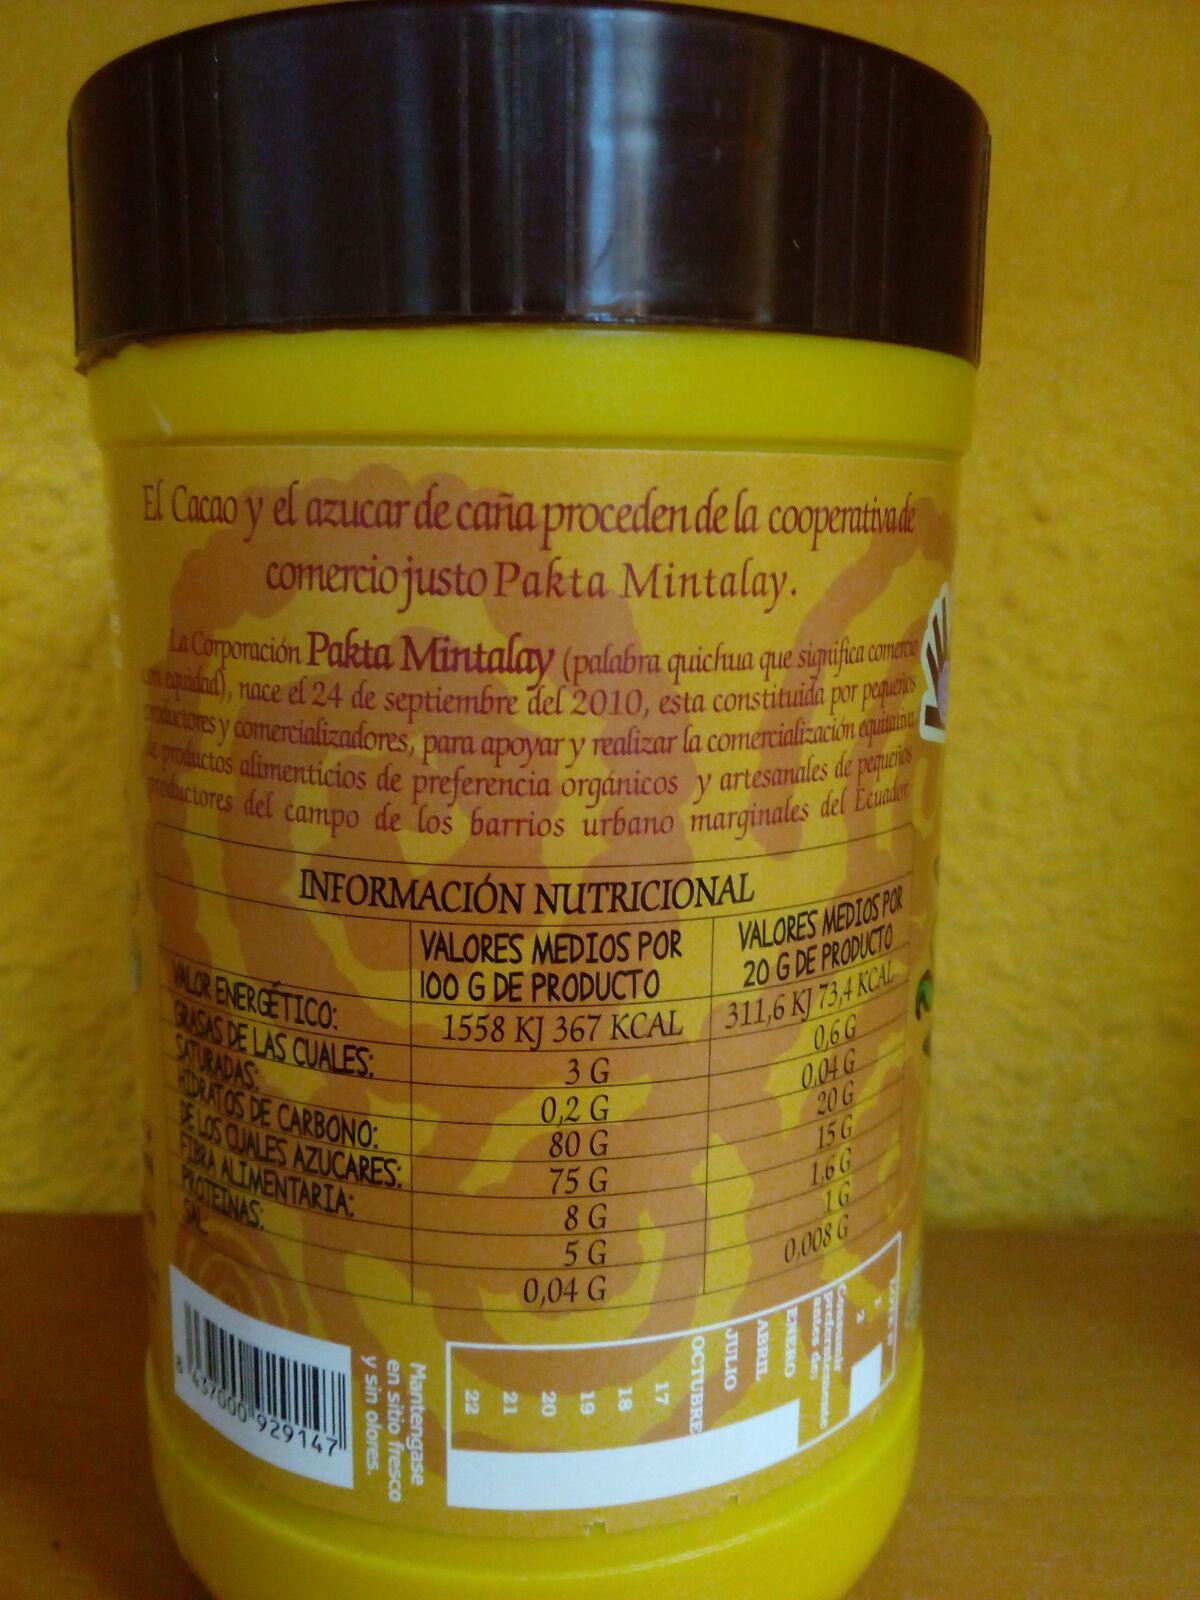 cacao soluble de comercio justo